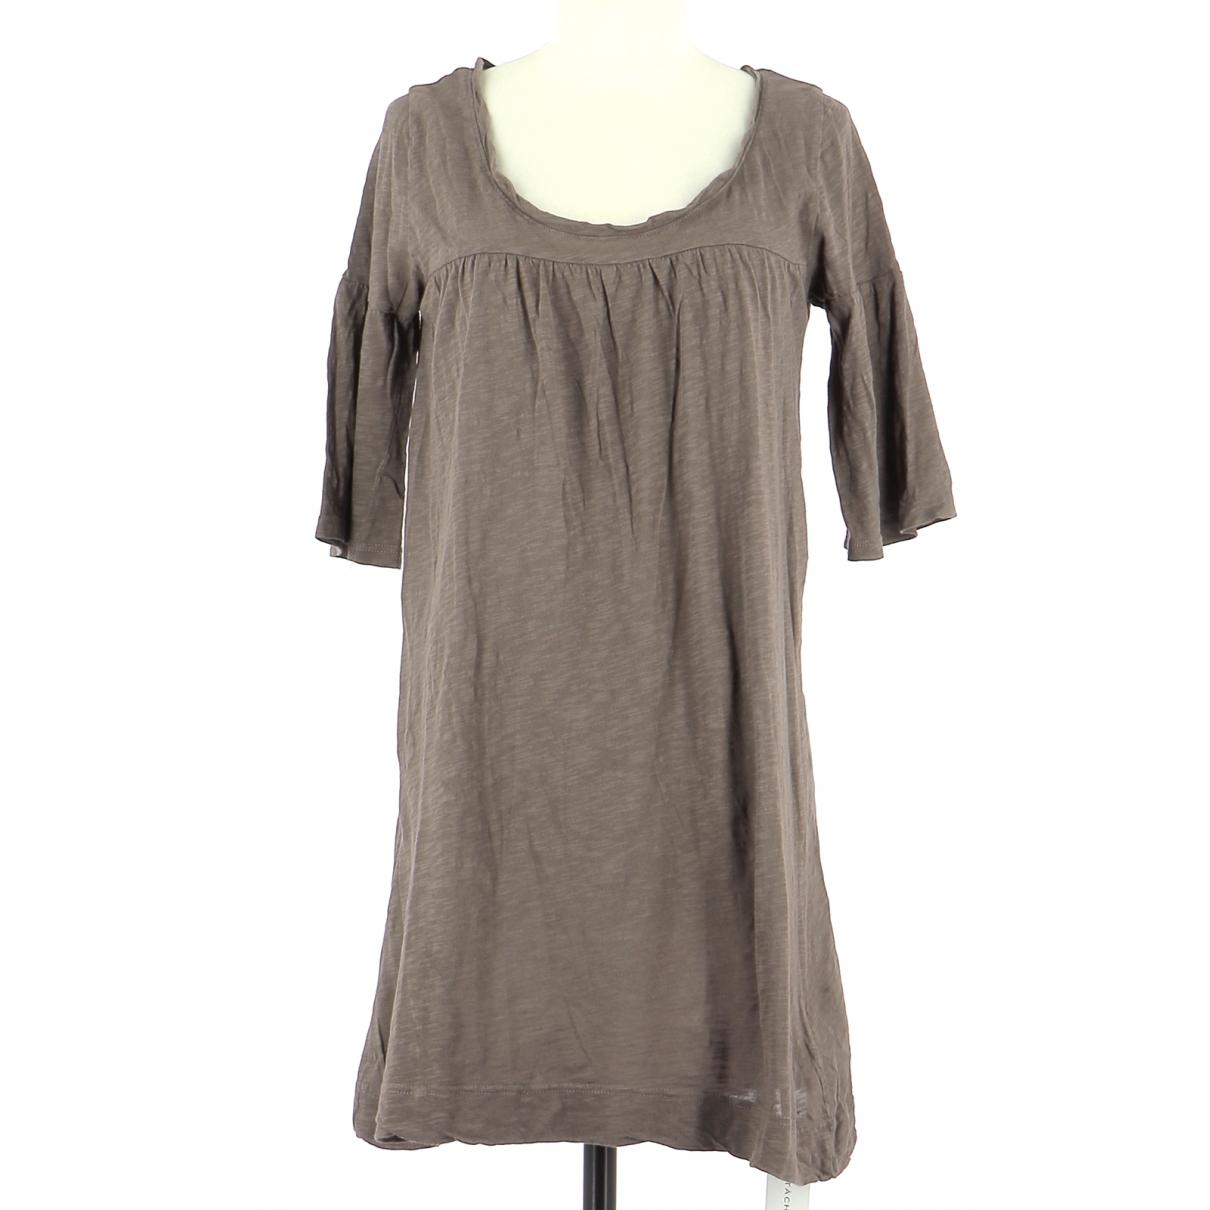 American Vintage \N Kleid in  Grau Baumwolle